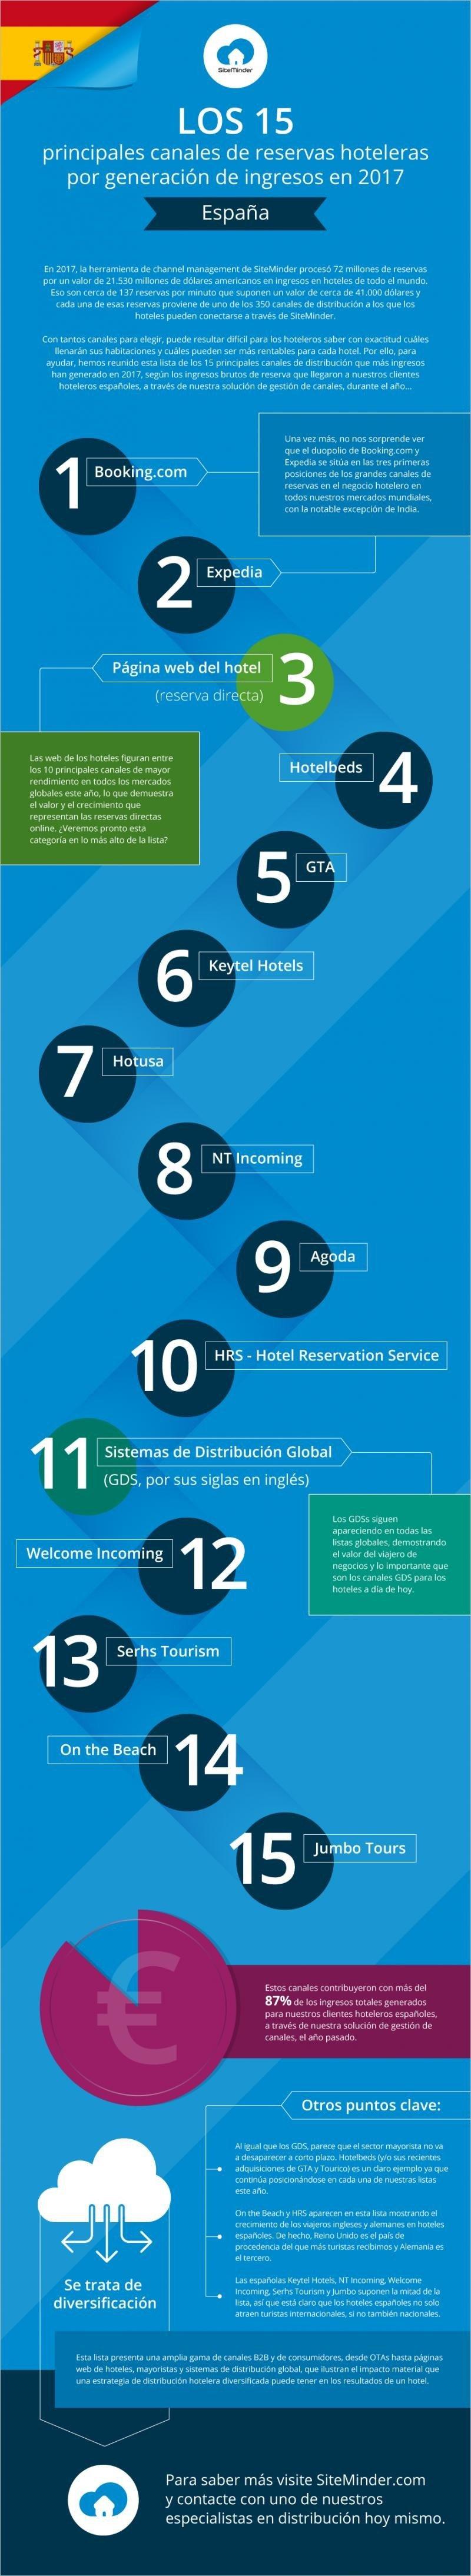 Infografía de SiteMinder que refleja los 15 principales canales de reserva para los hoteles en España.